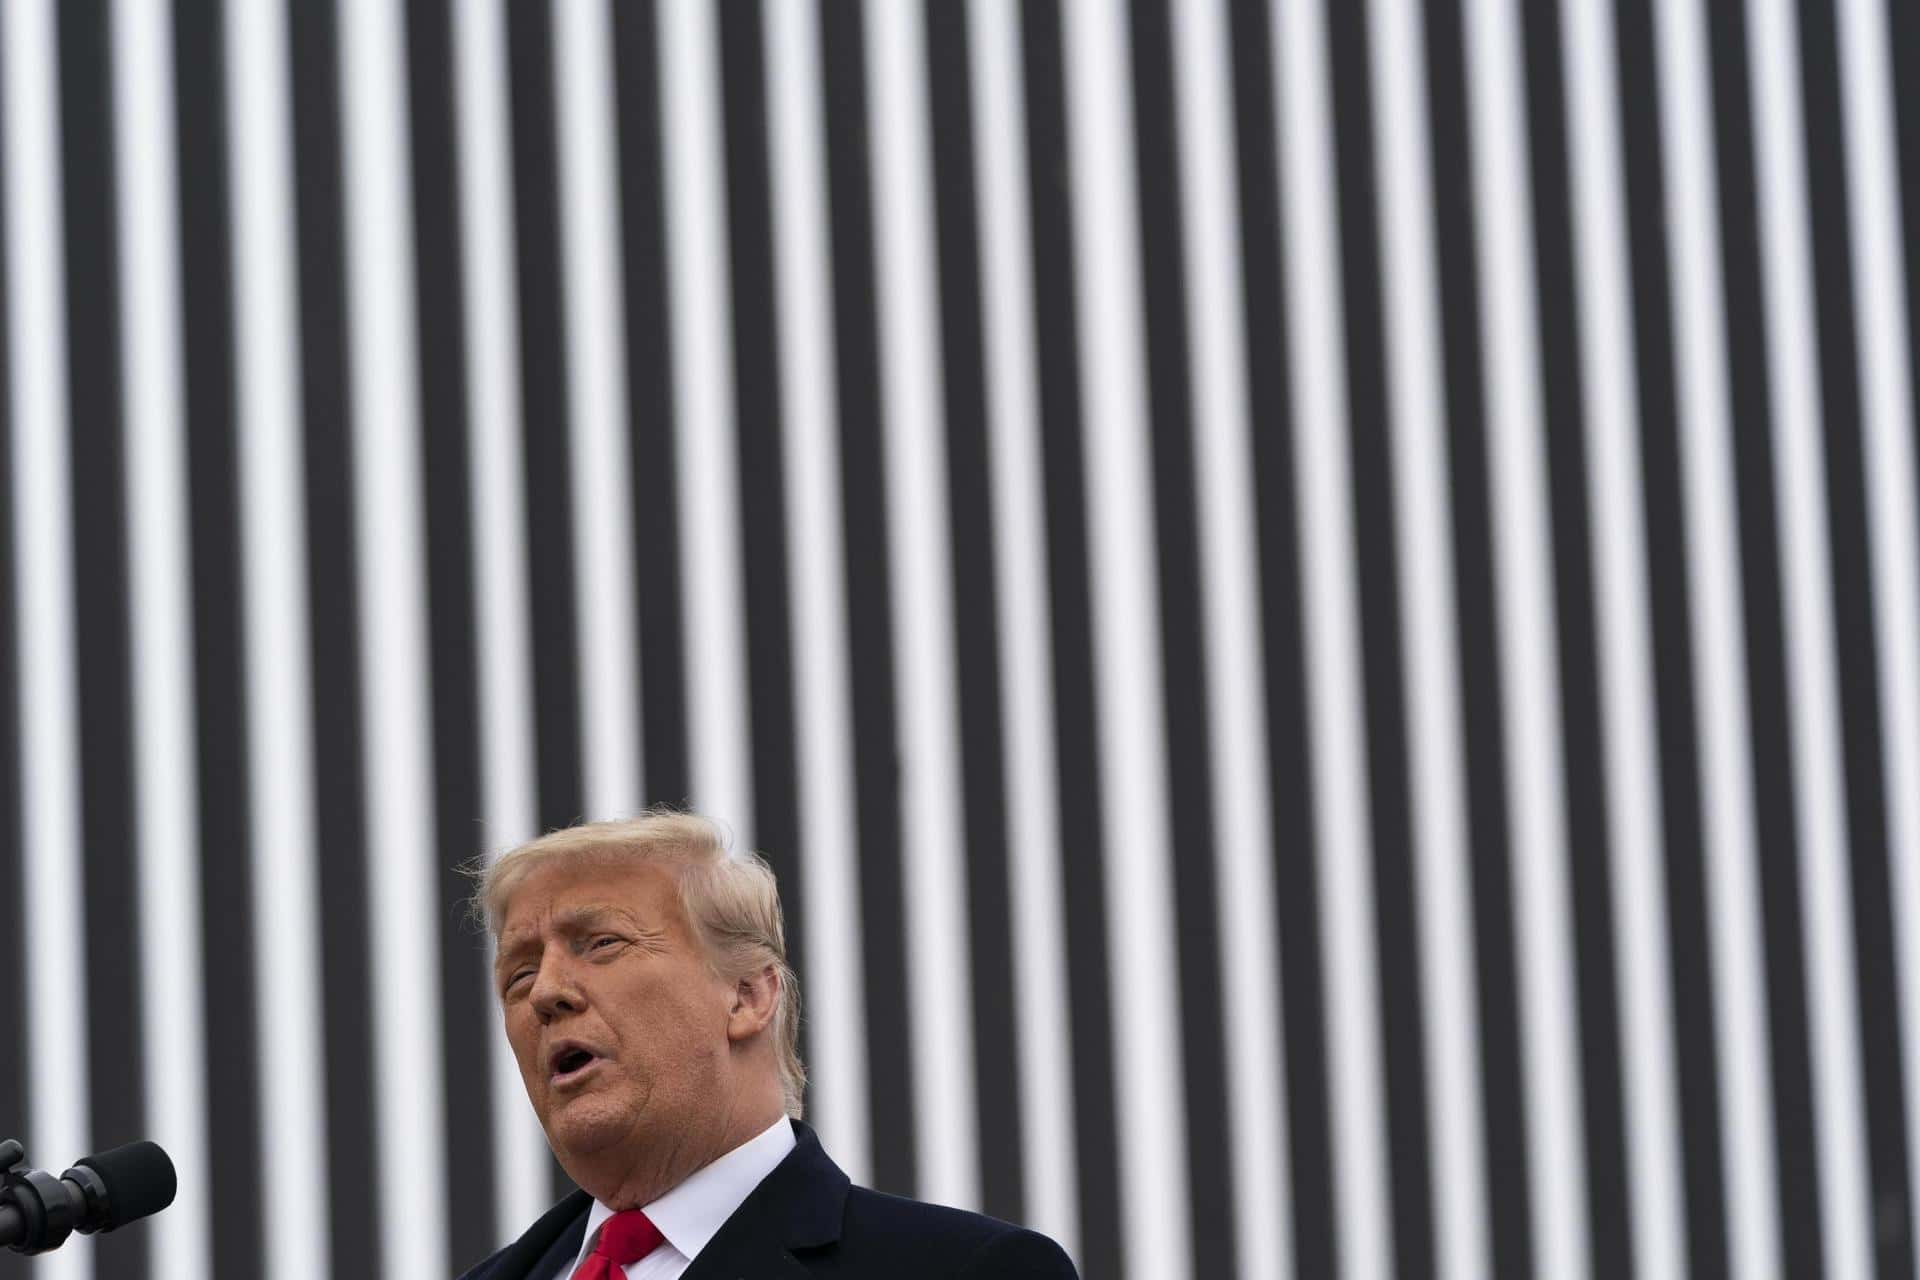 Trump steuert auf zweites Amtsenthebungsverfahren zu Wegen «Anstiftung zum Aufruhr»